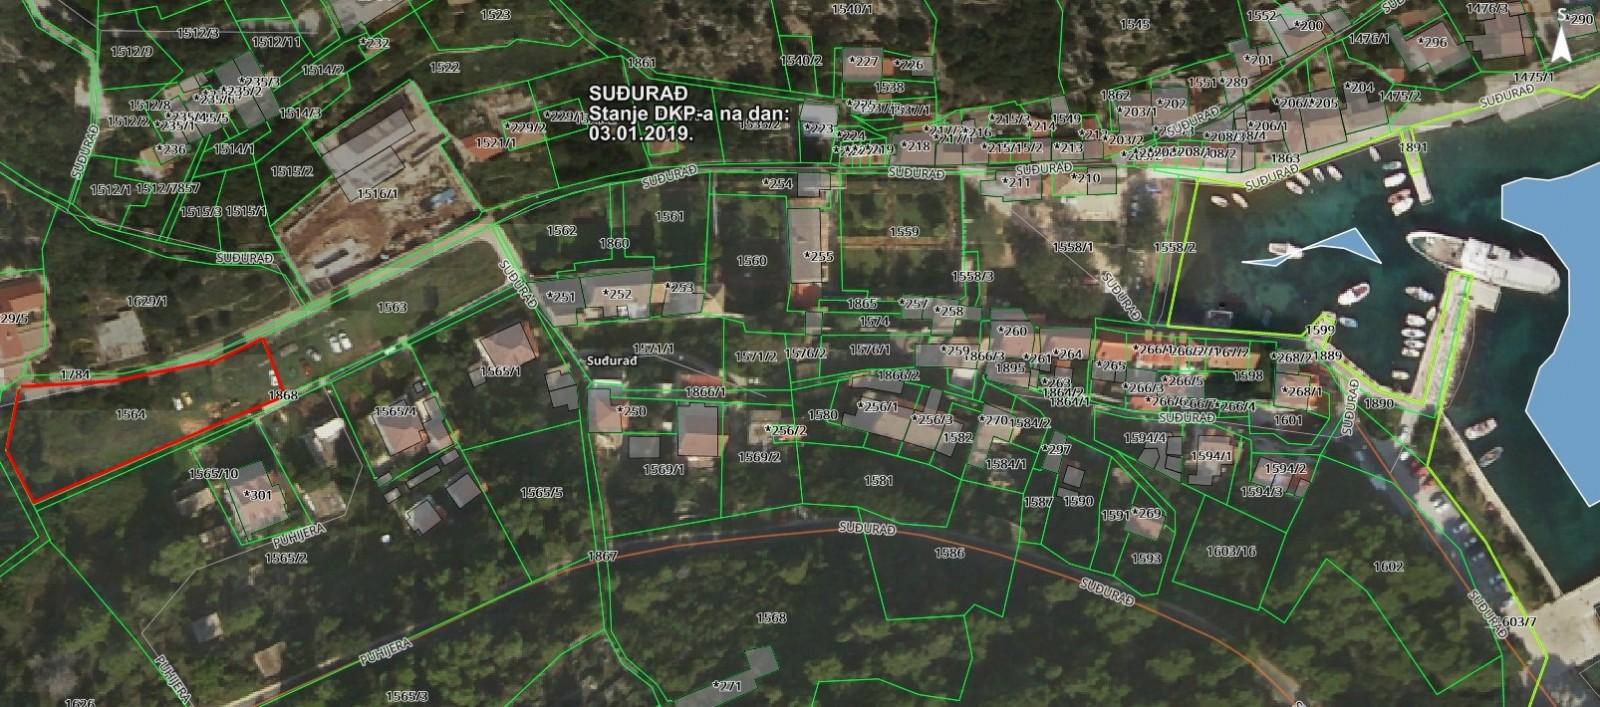 Grad Dubrovnik će park sa sportskim i dječjim igralištem u Suđurđu urediti na zemljištu ustupljenom od Vlade RH